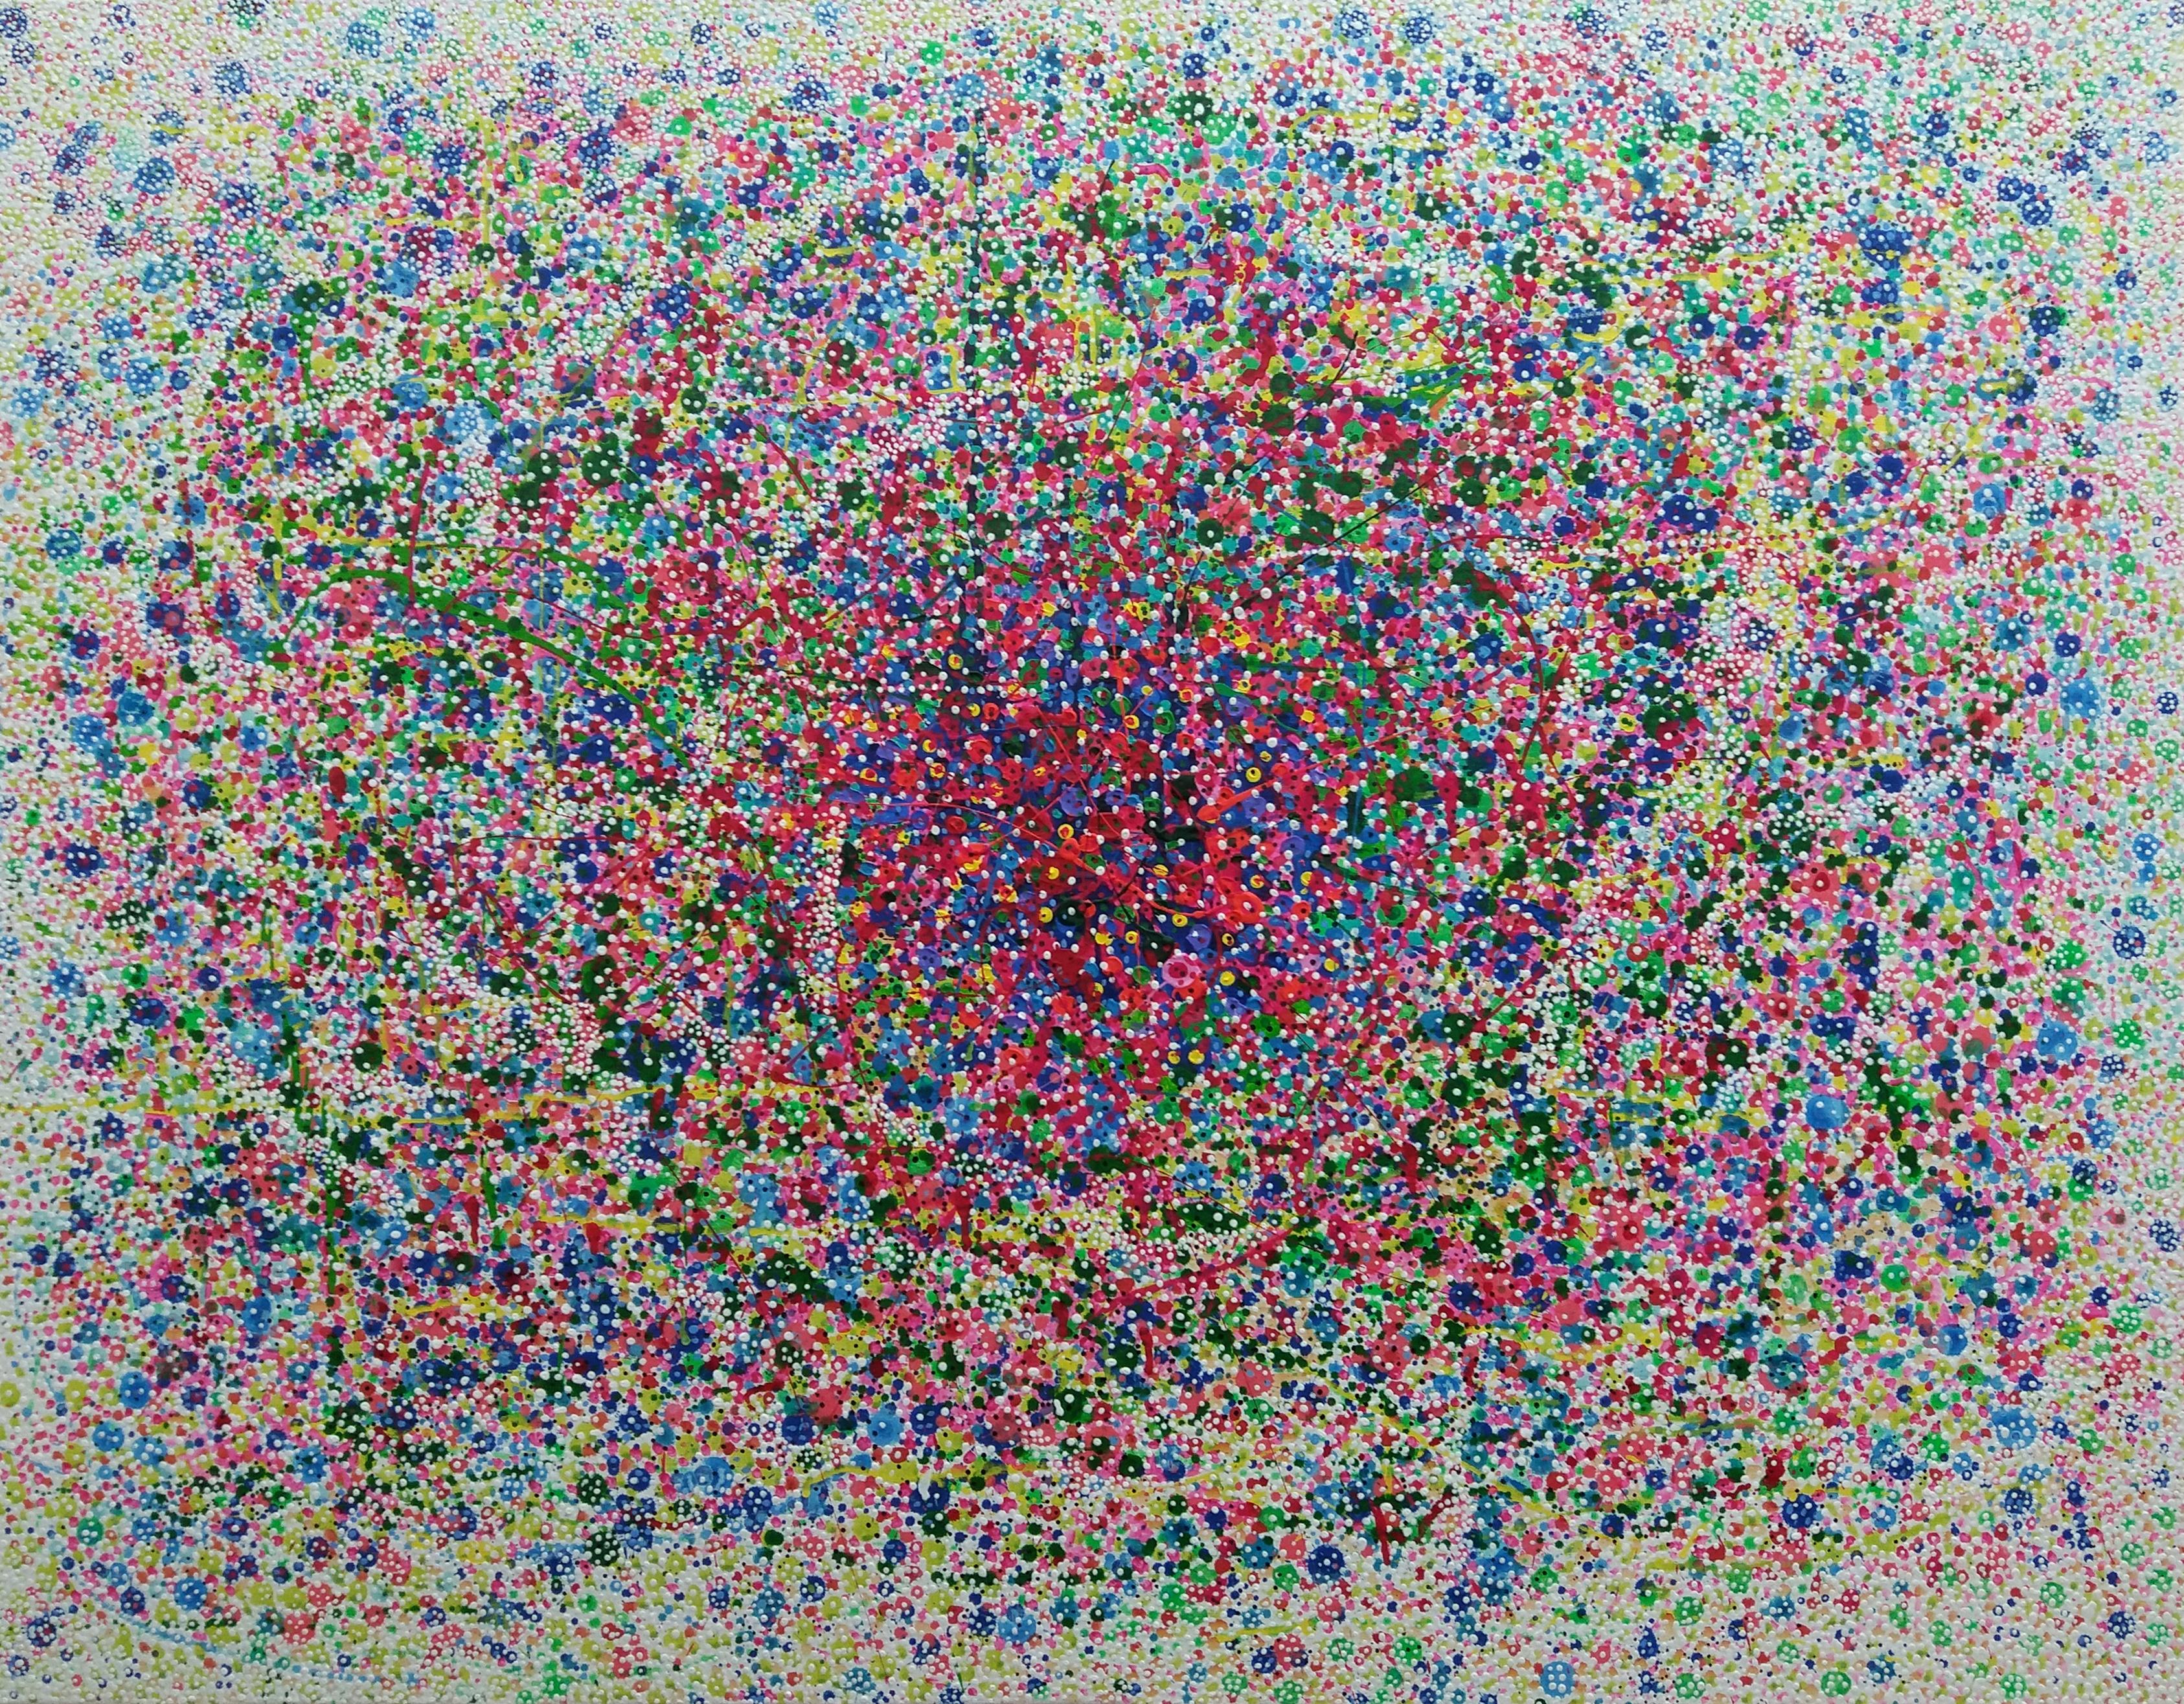 이경성, Thorn tree_A crack, the light, 117 x 91cm, 소멸기법, 2017 (3)